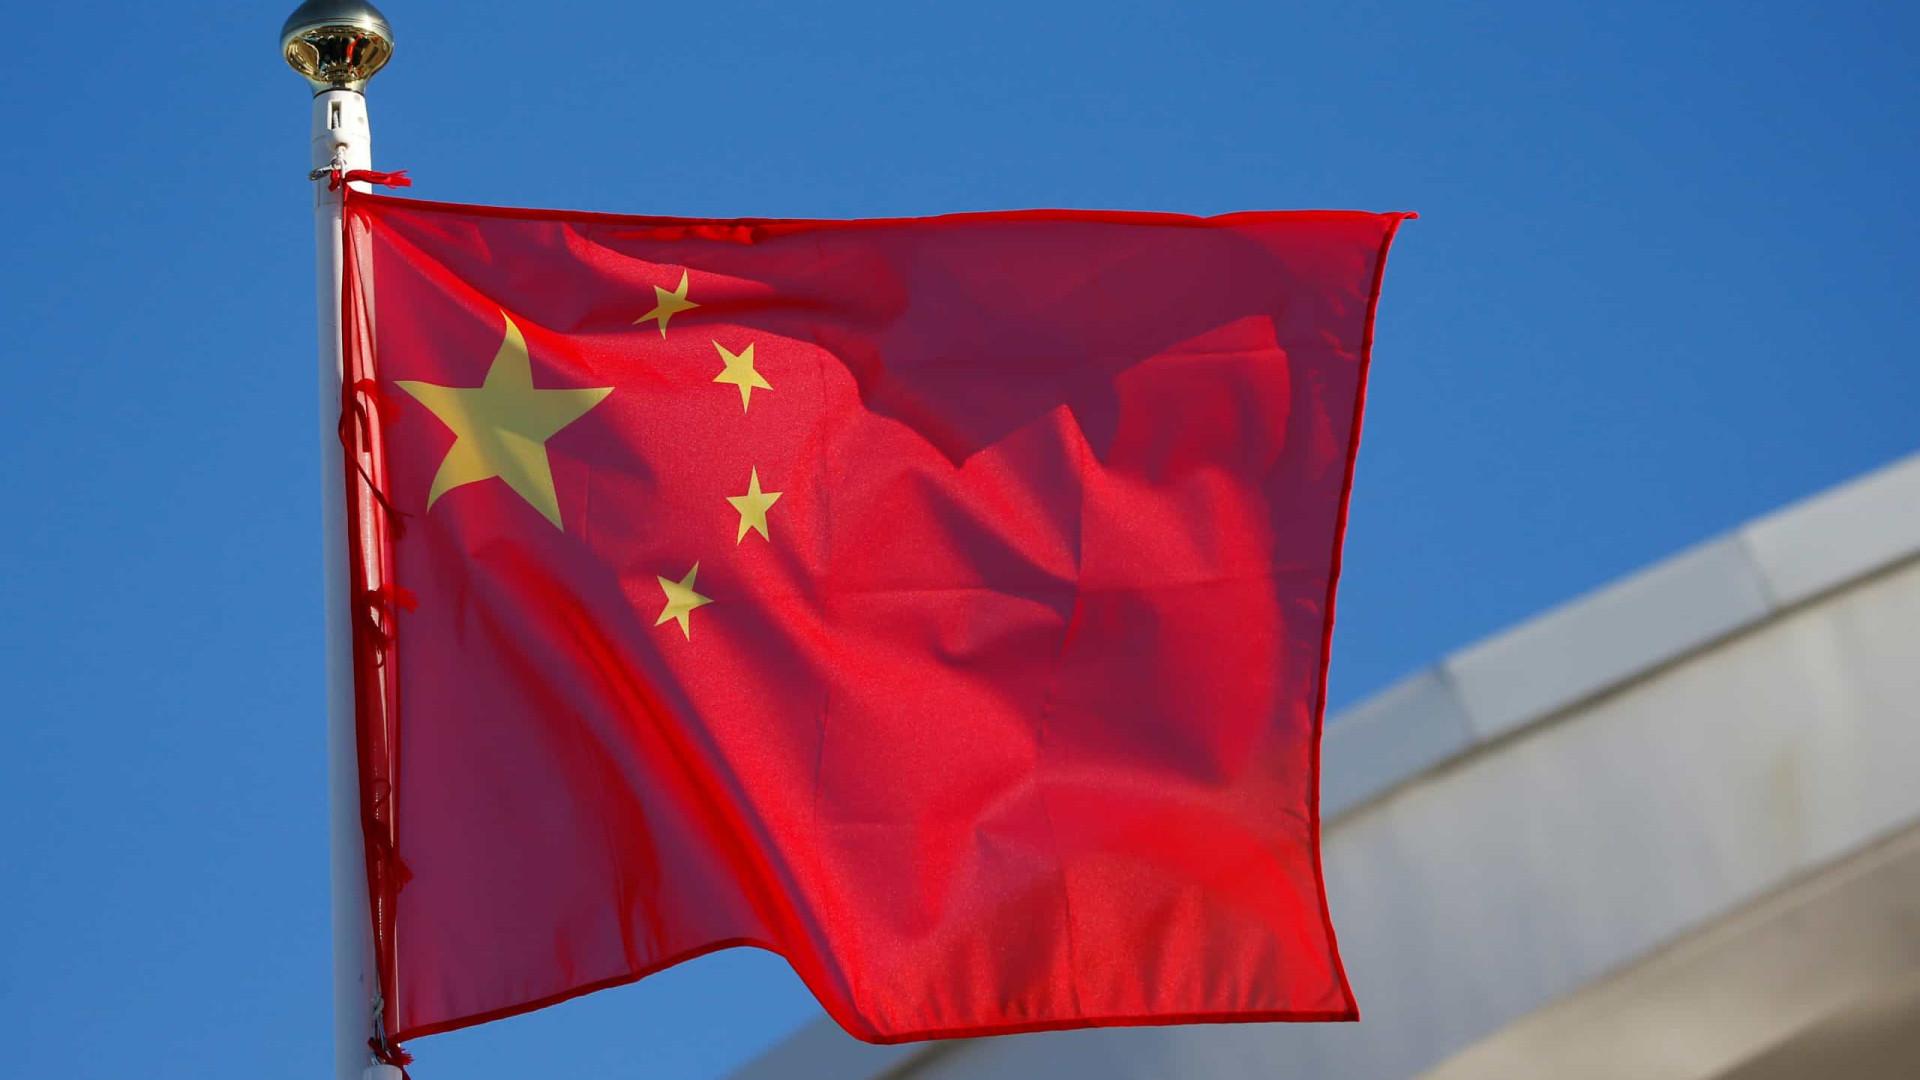 Comissário da China em Macau repudia relatório de eurodeputados